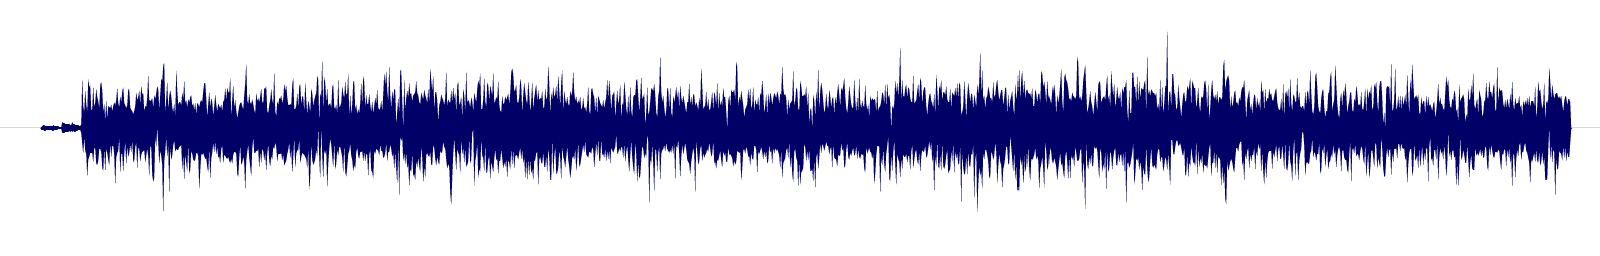 waveform of track #104991